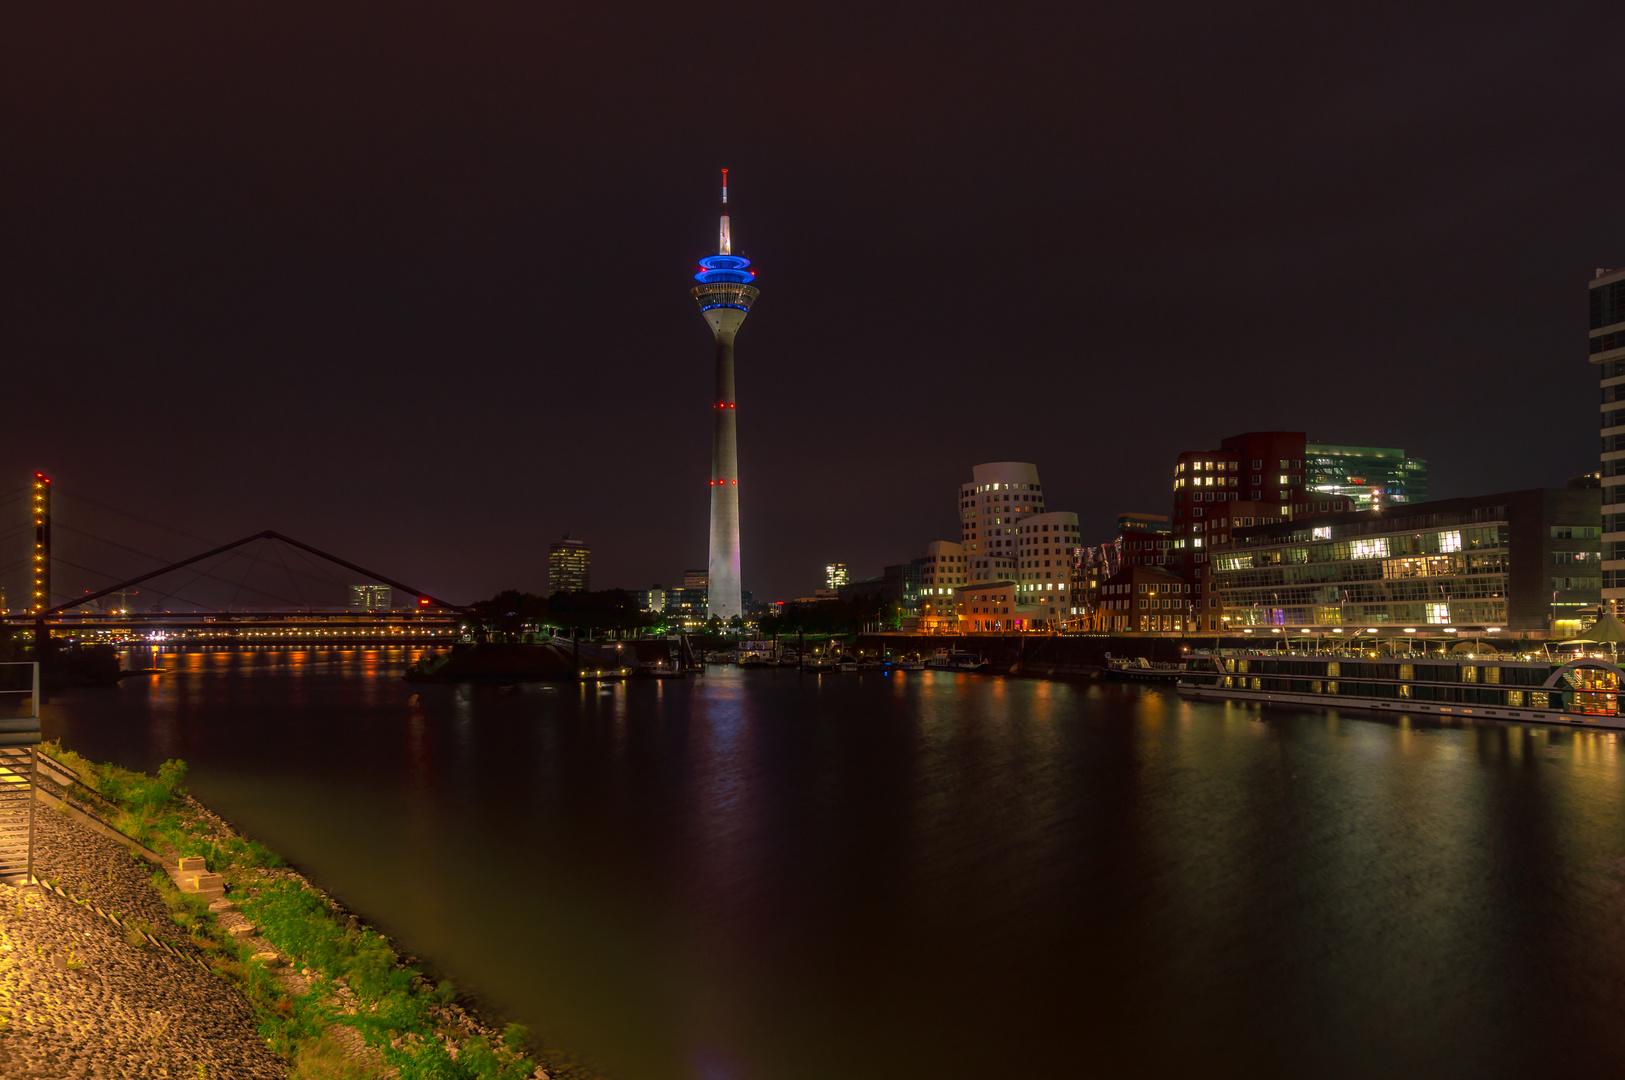 Rheinturm und Rheinkniebrücke am Abend